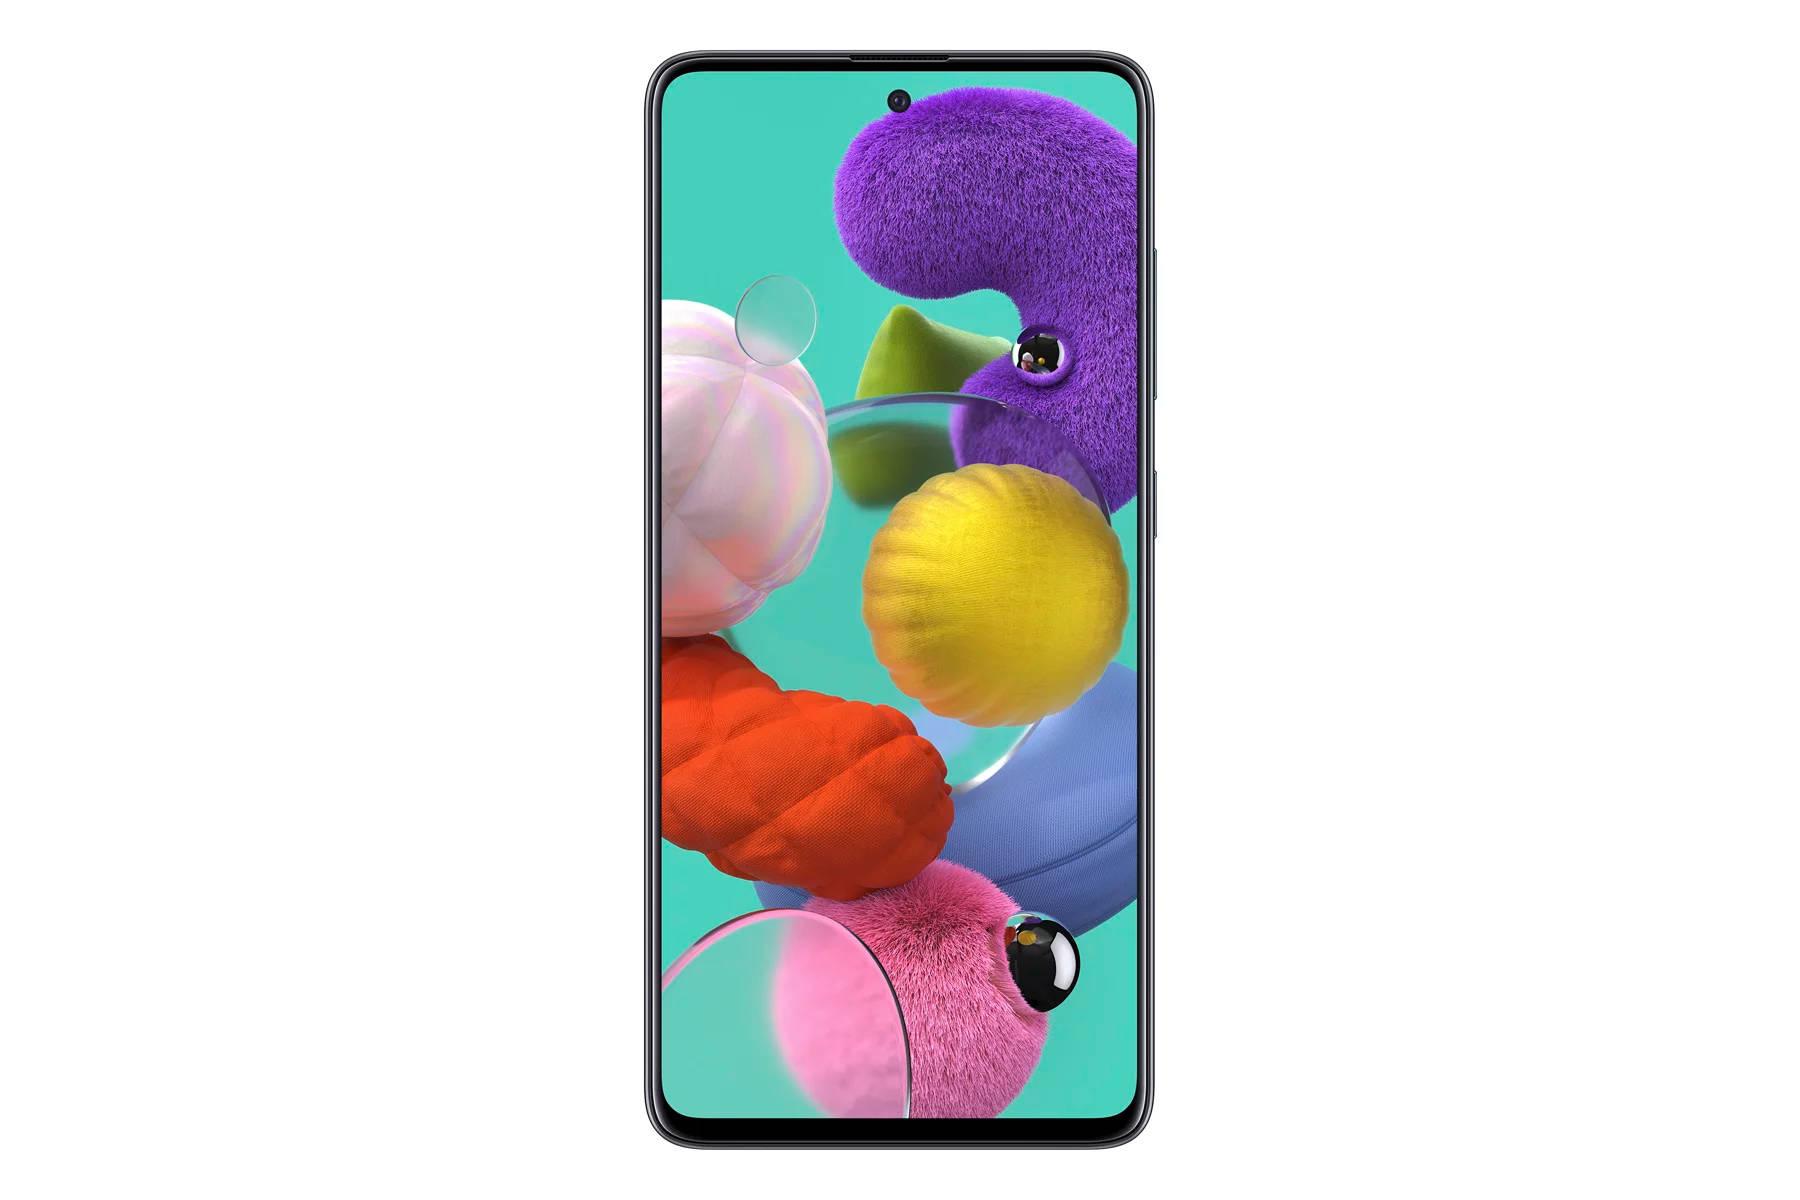 premiera Samsung Galaxy A51 cena smartfon jak Galaxy S11 dane techniczne specyfikacja opinie